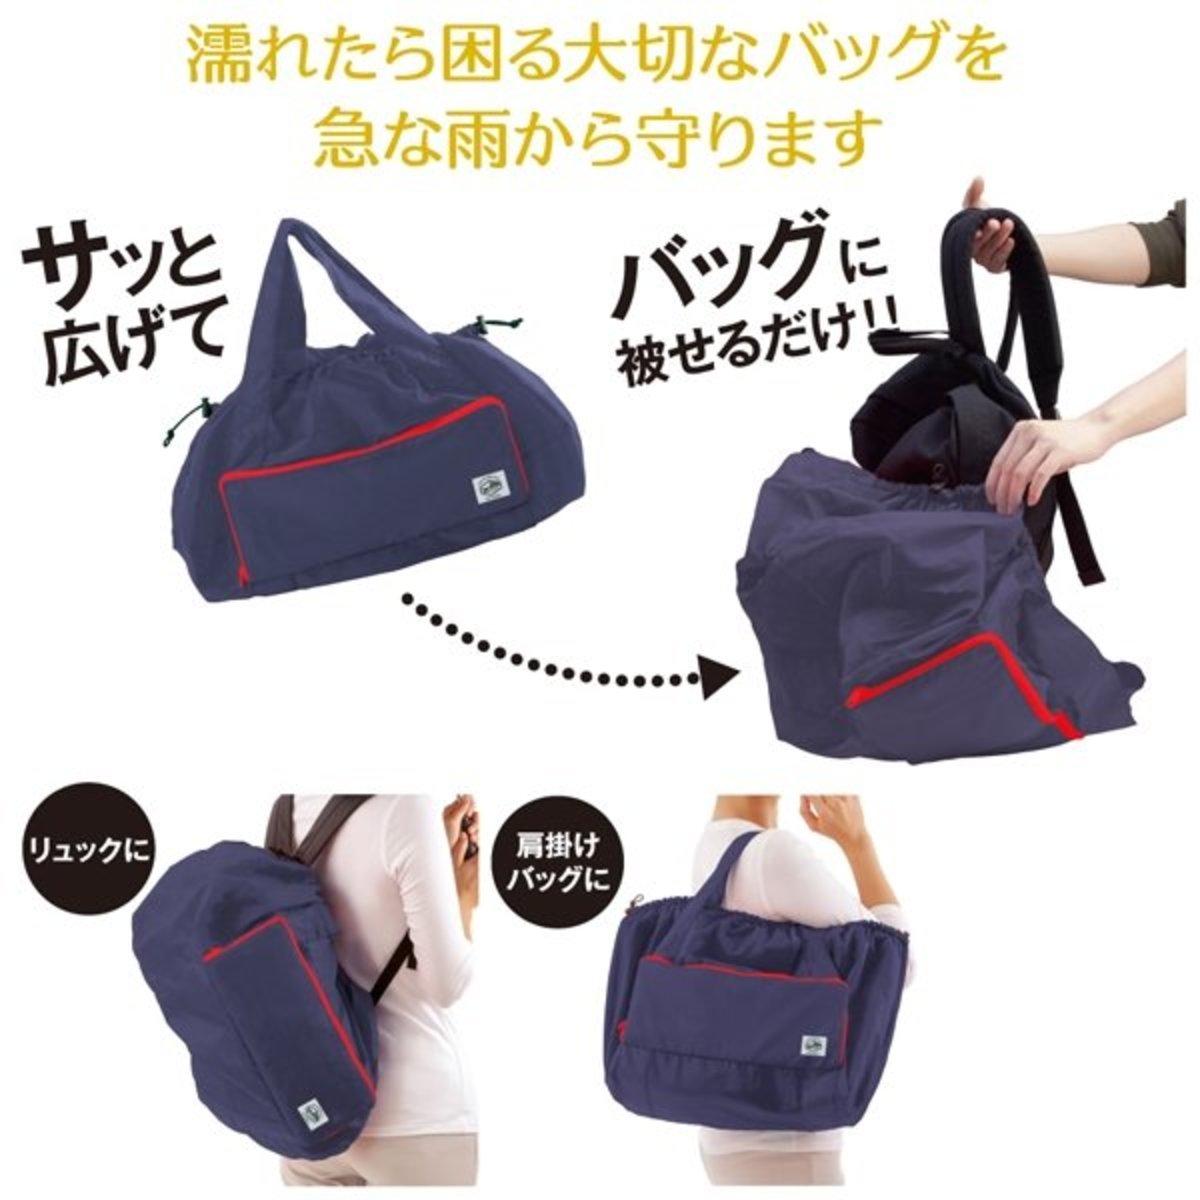 3 in 1 Rainproof Bag